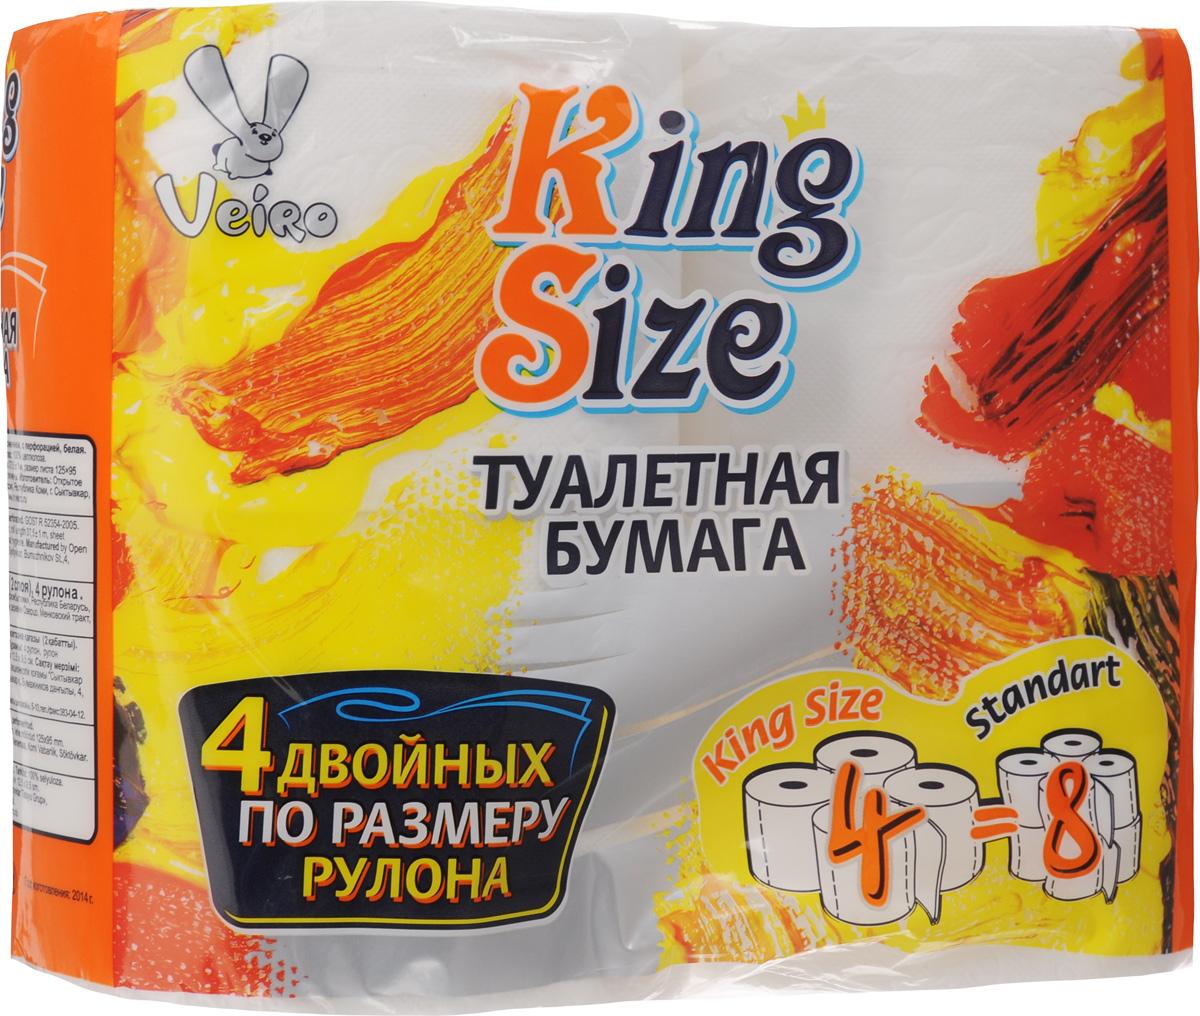 Бумага туалетная Veiro King Size, двухслойная, 4 рулона6C24ПТуалетная бумага Veiro King Size, выполненная из натуральной целлюлозы, обеспечивает превосходный комфорт и ощущение чистоты и свежести. Необыкновенно мягкая, но в тоже время прочная, бумага не расслаивается и отрывается строго по линии перфорации, не вызывает аллергии и раздражения. Двухслойные листы имеют рисунок с перфорацией. Количество слоев: 2. Размер листа: 12,5 х 9,5 см. Длина намотки: 37,5 м. Состав: 100% целлюлоза.